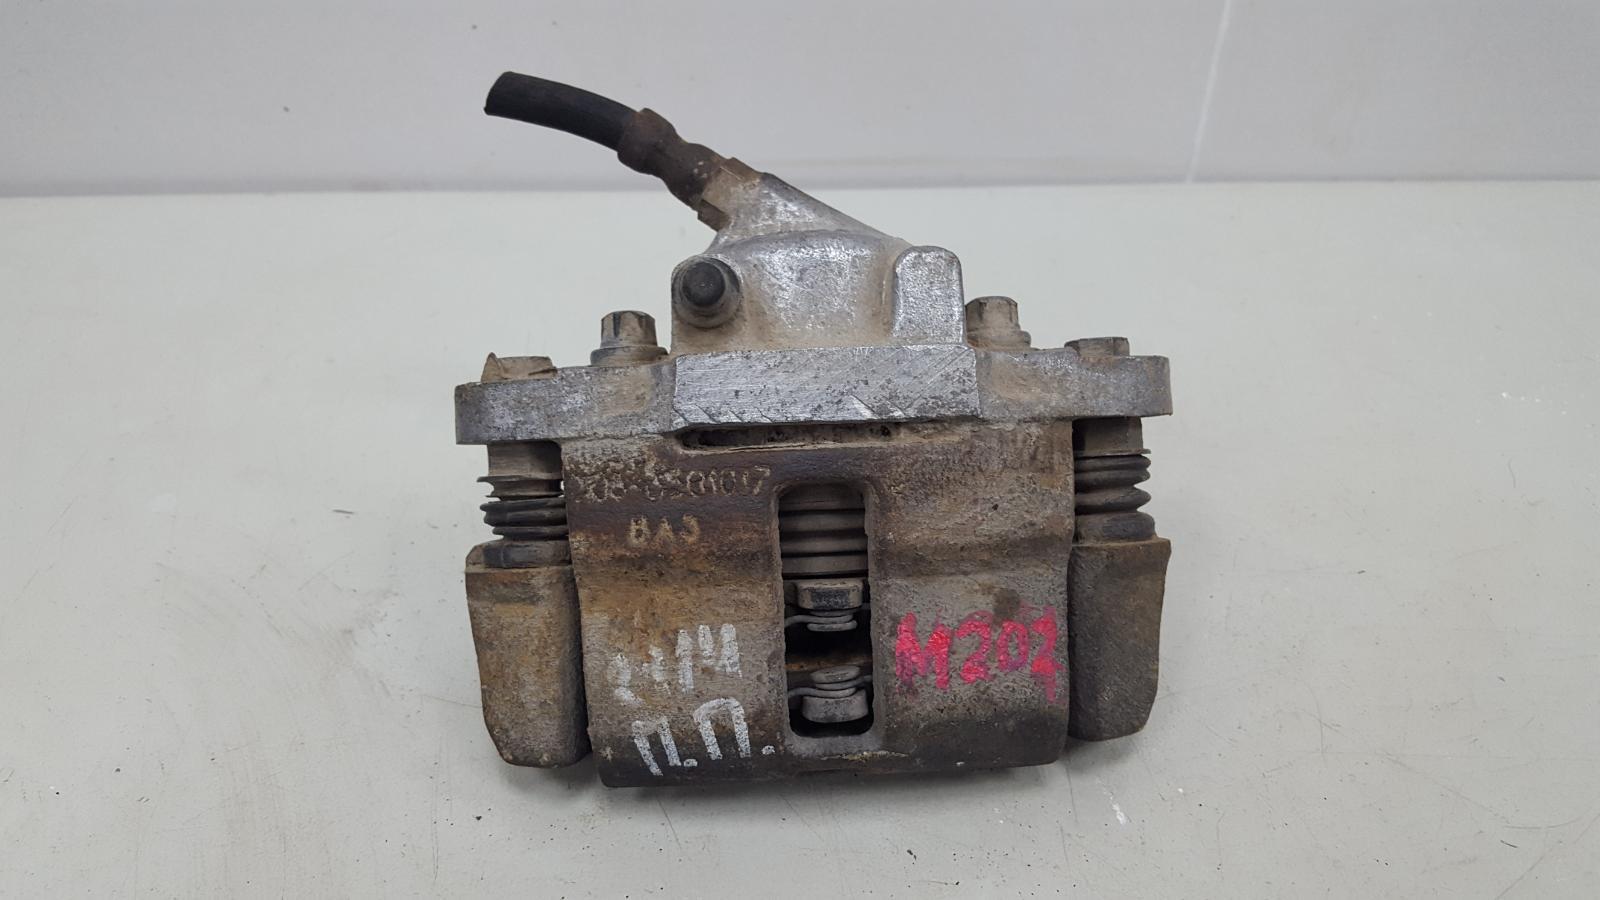 Тормозной суппорт Ваз Лада Самара 2 21140 2111 1.5Л 8КЛ 2006 передний правый